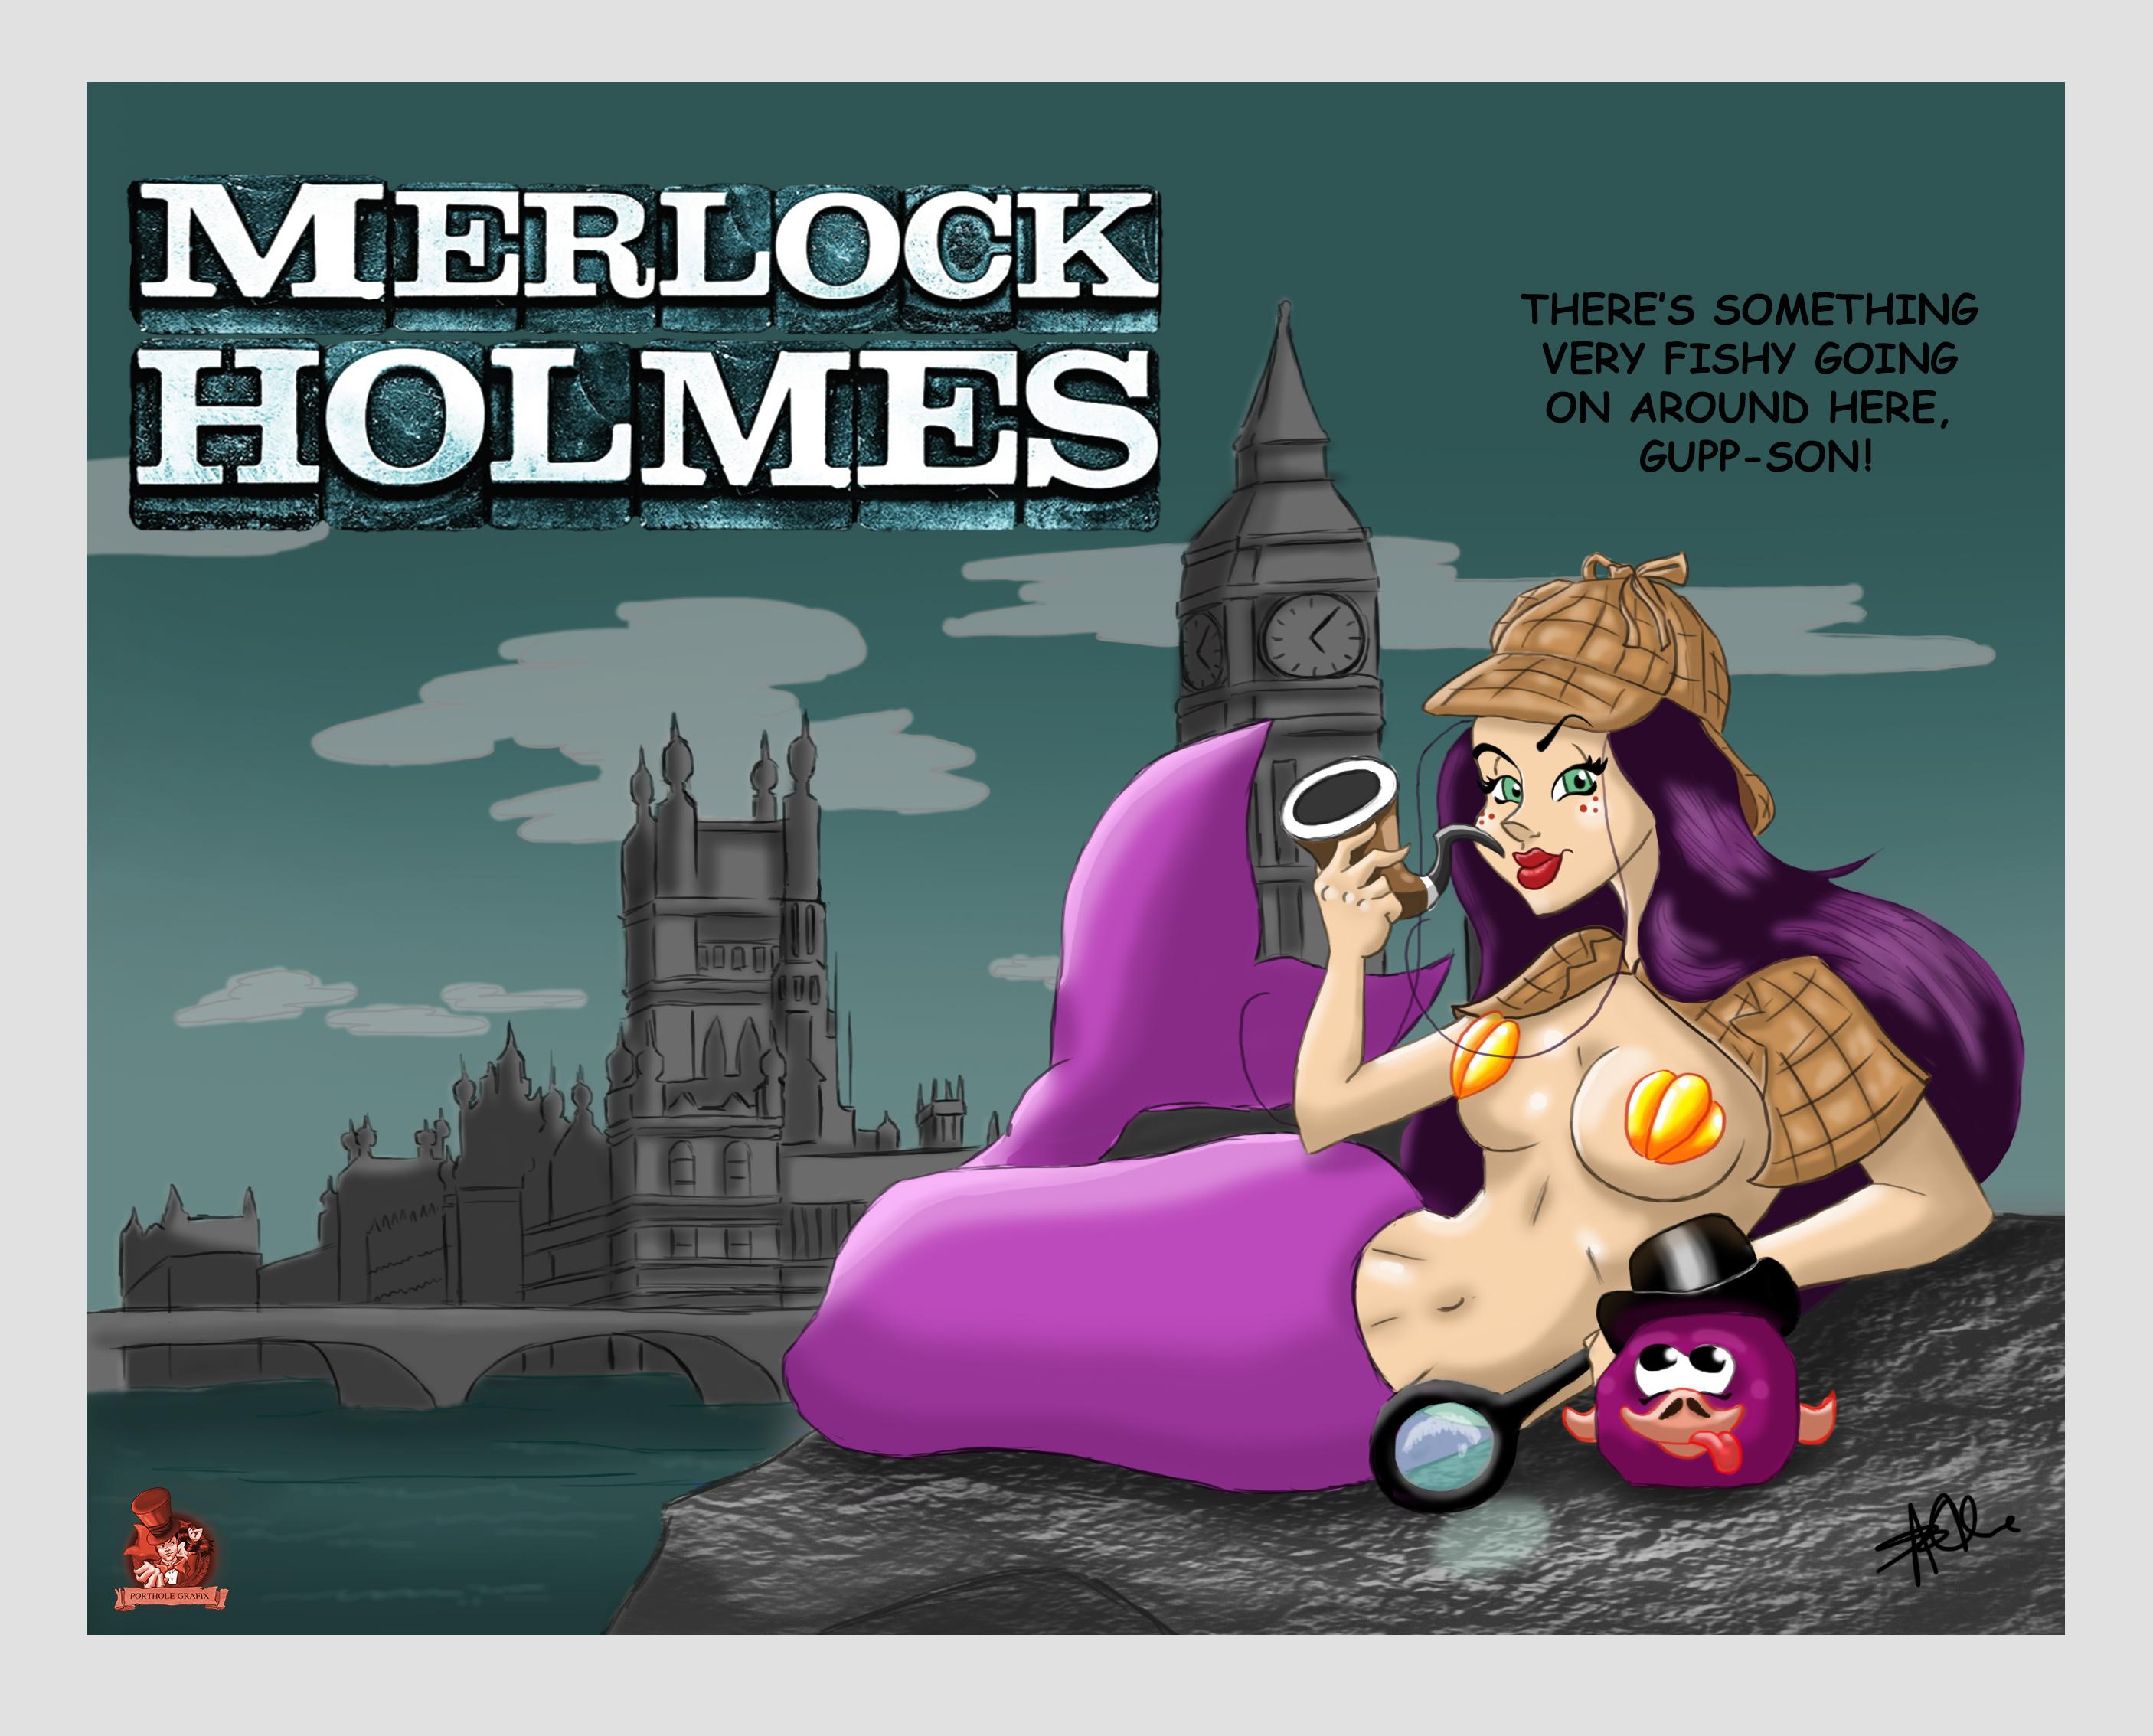 Merlock Holmes